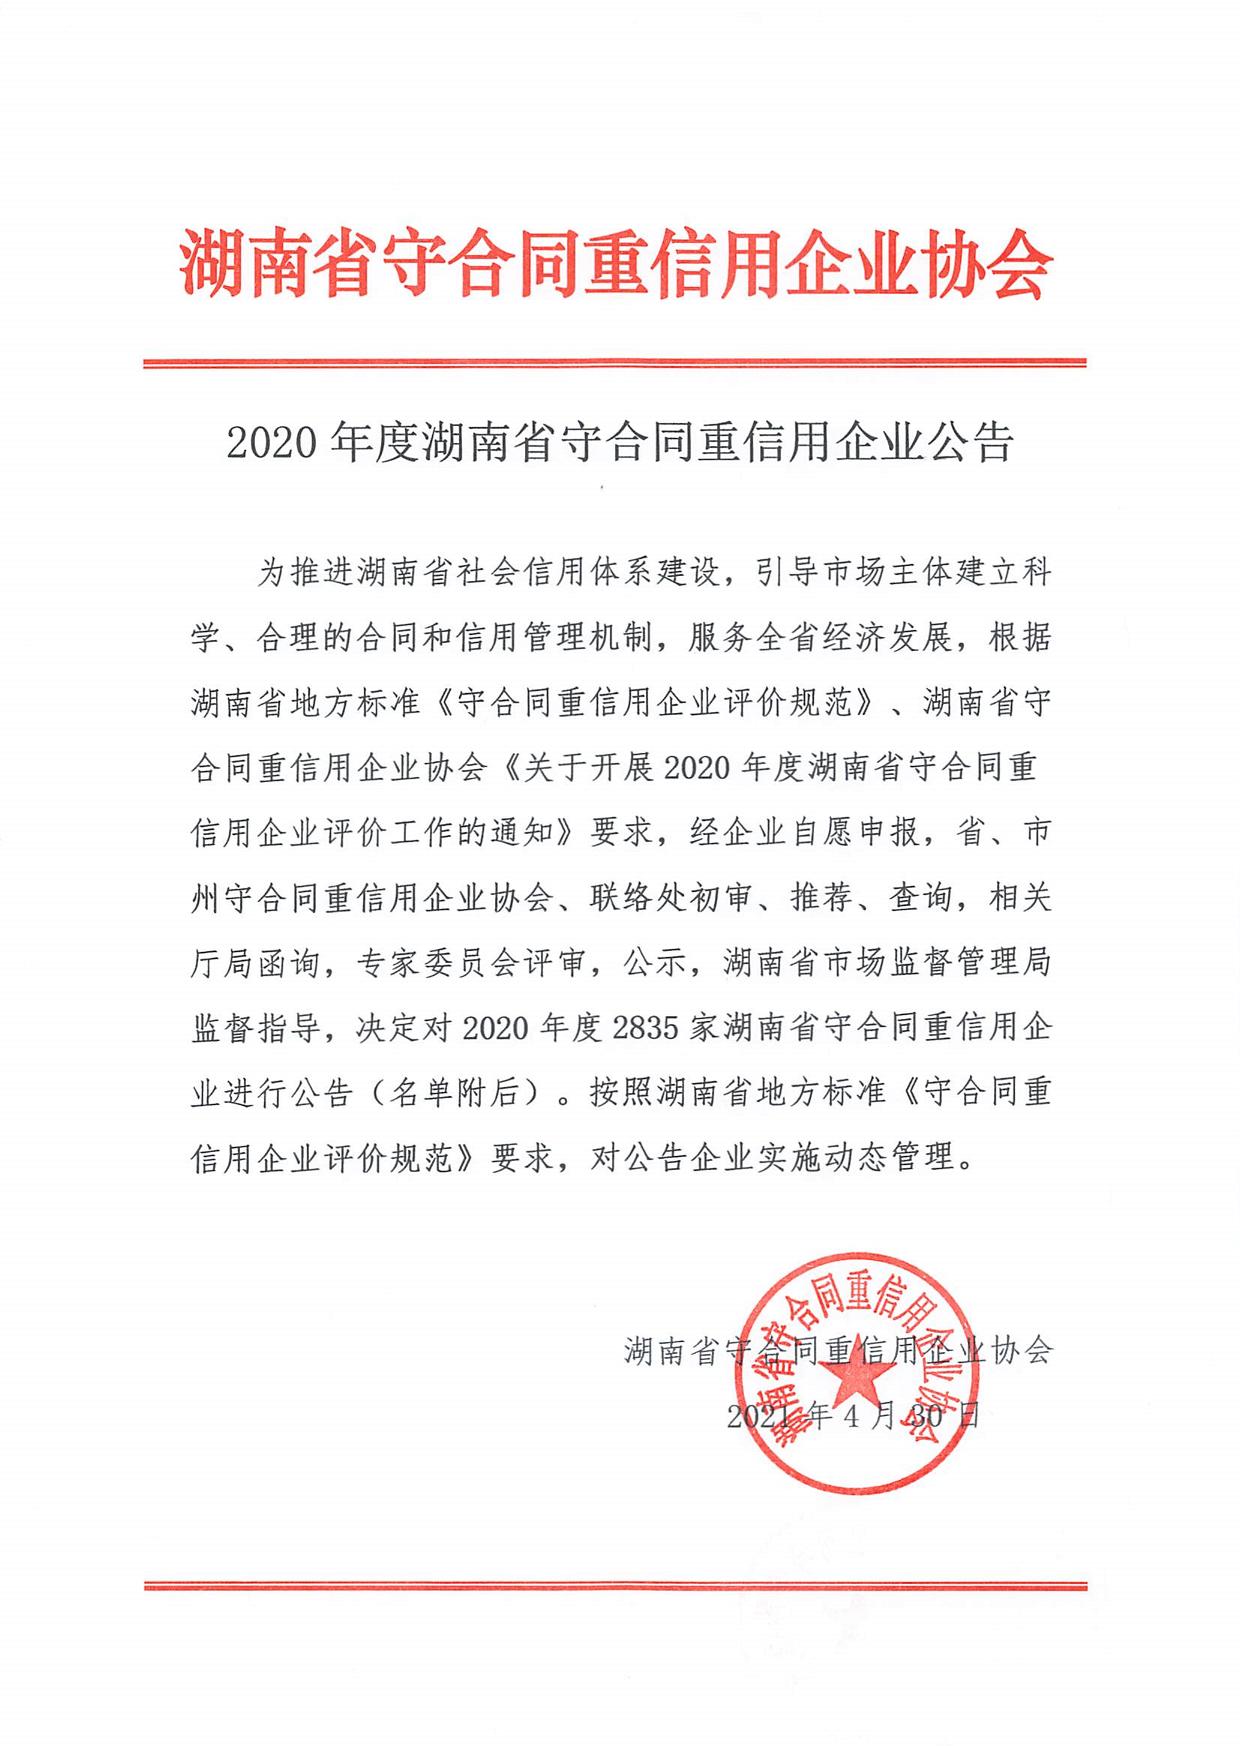 省守重企业公告(最新版�?2)_1.png